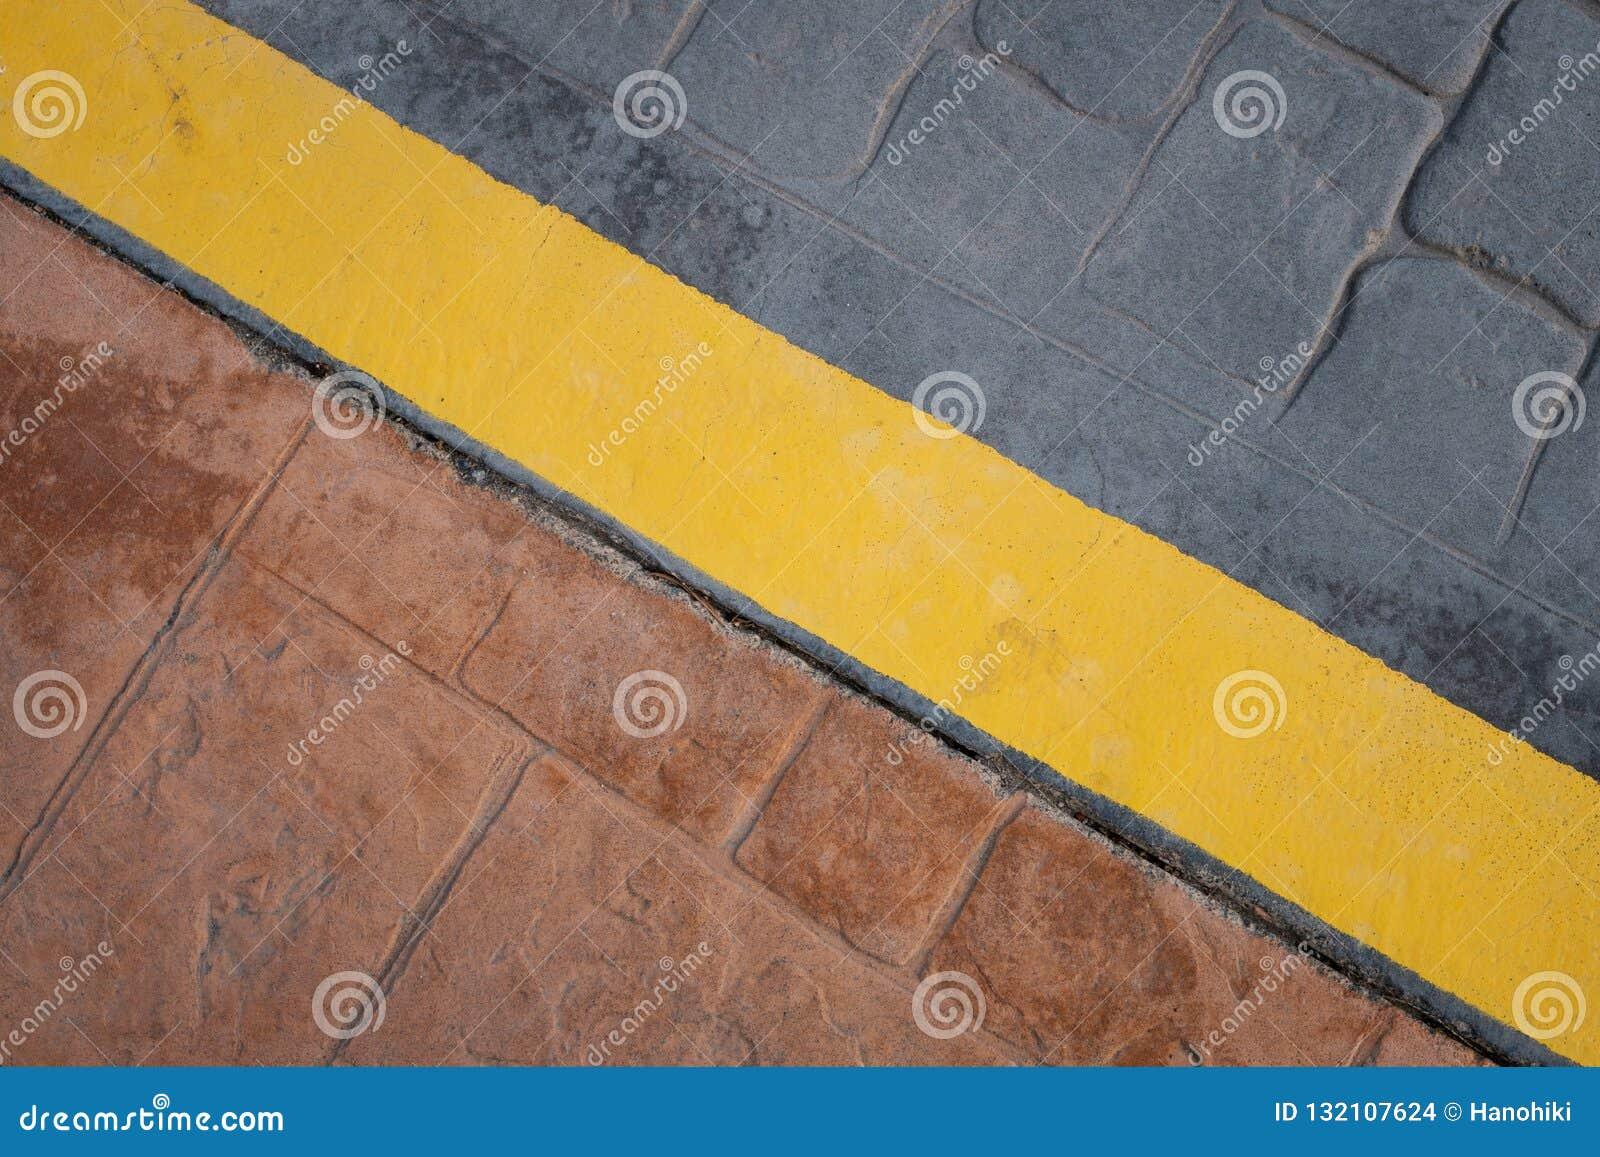 Weg, de gele lijn van de stoepgrens op vloer - abstracte achtergrond